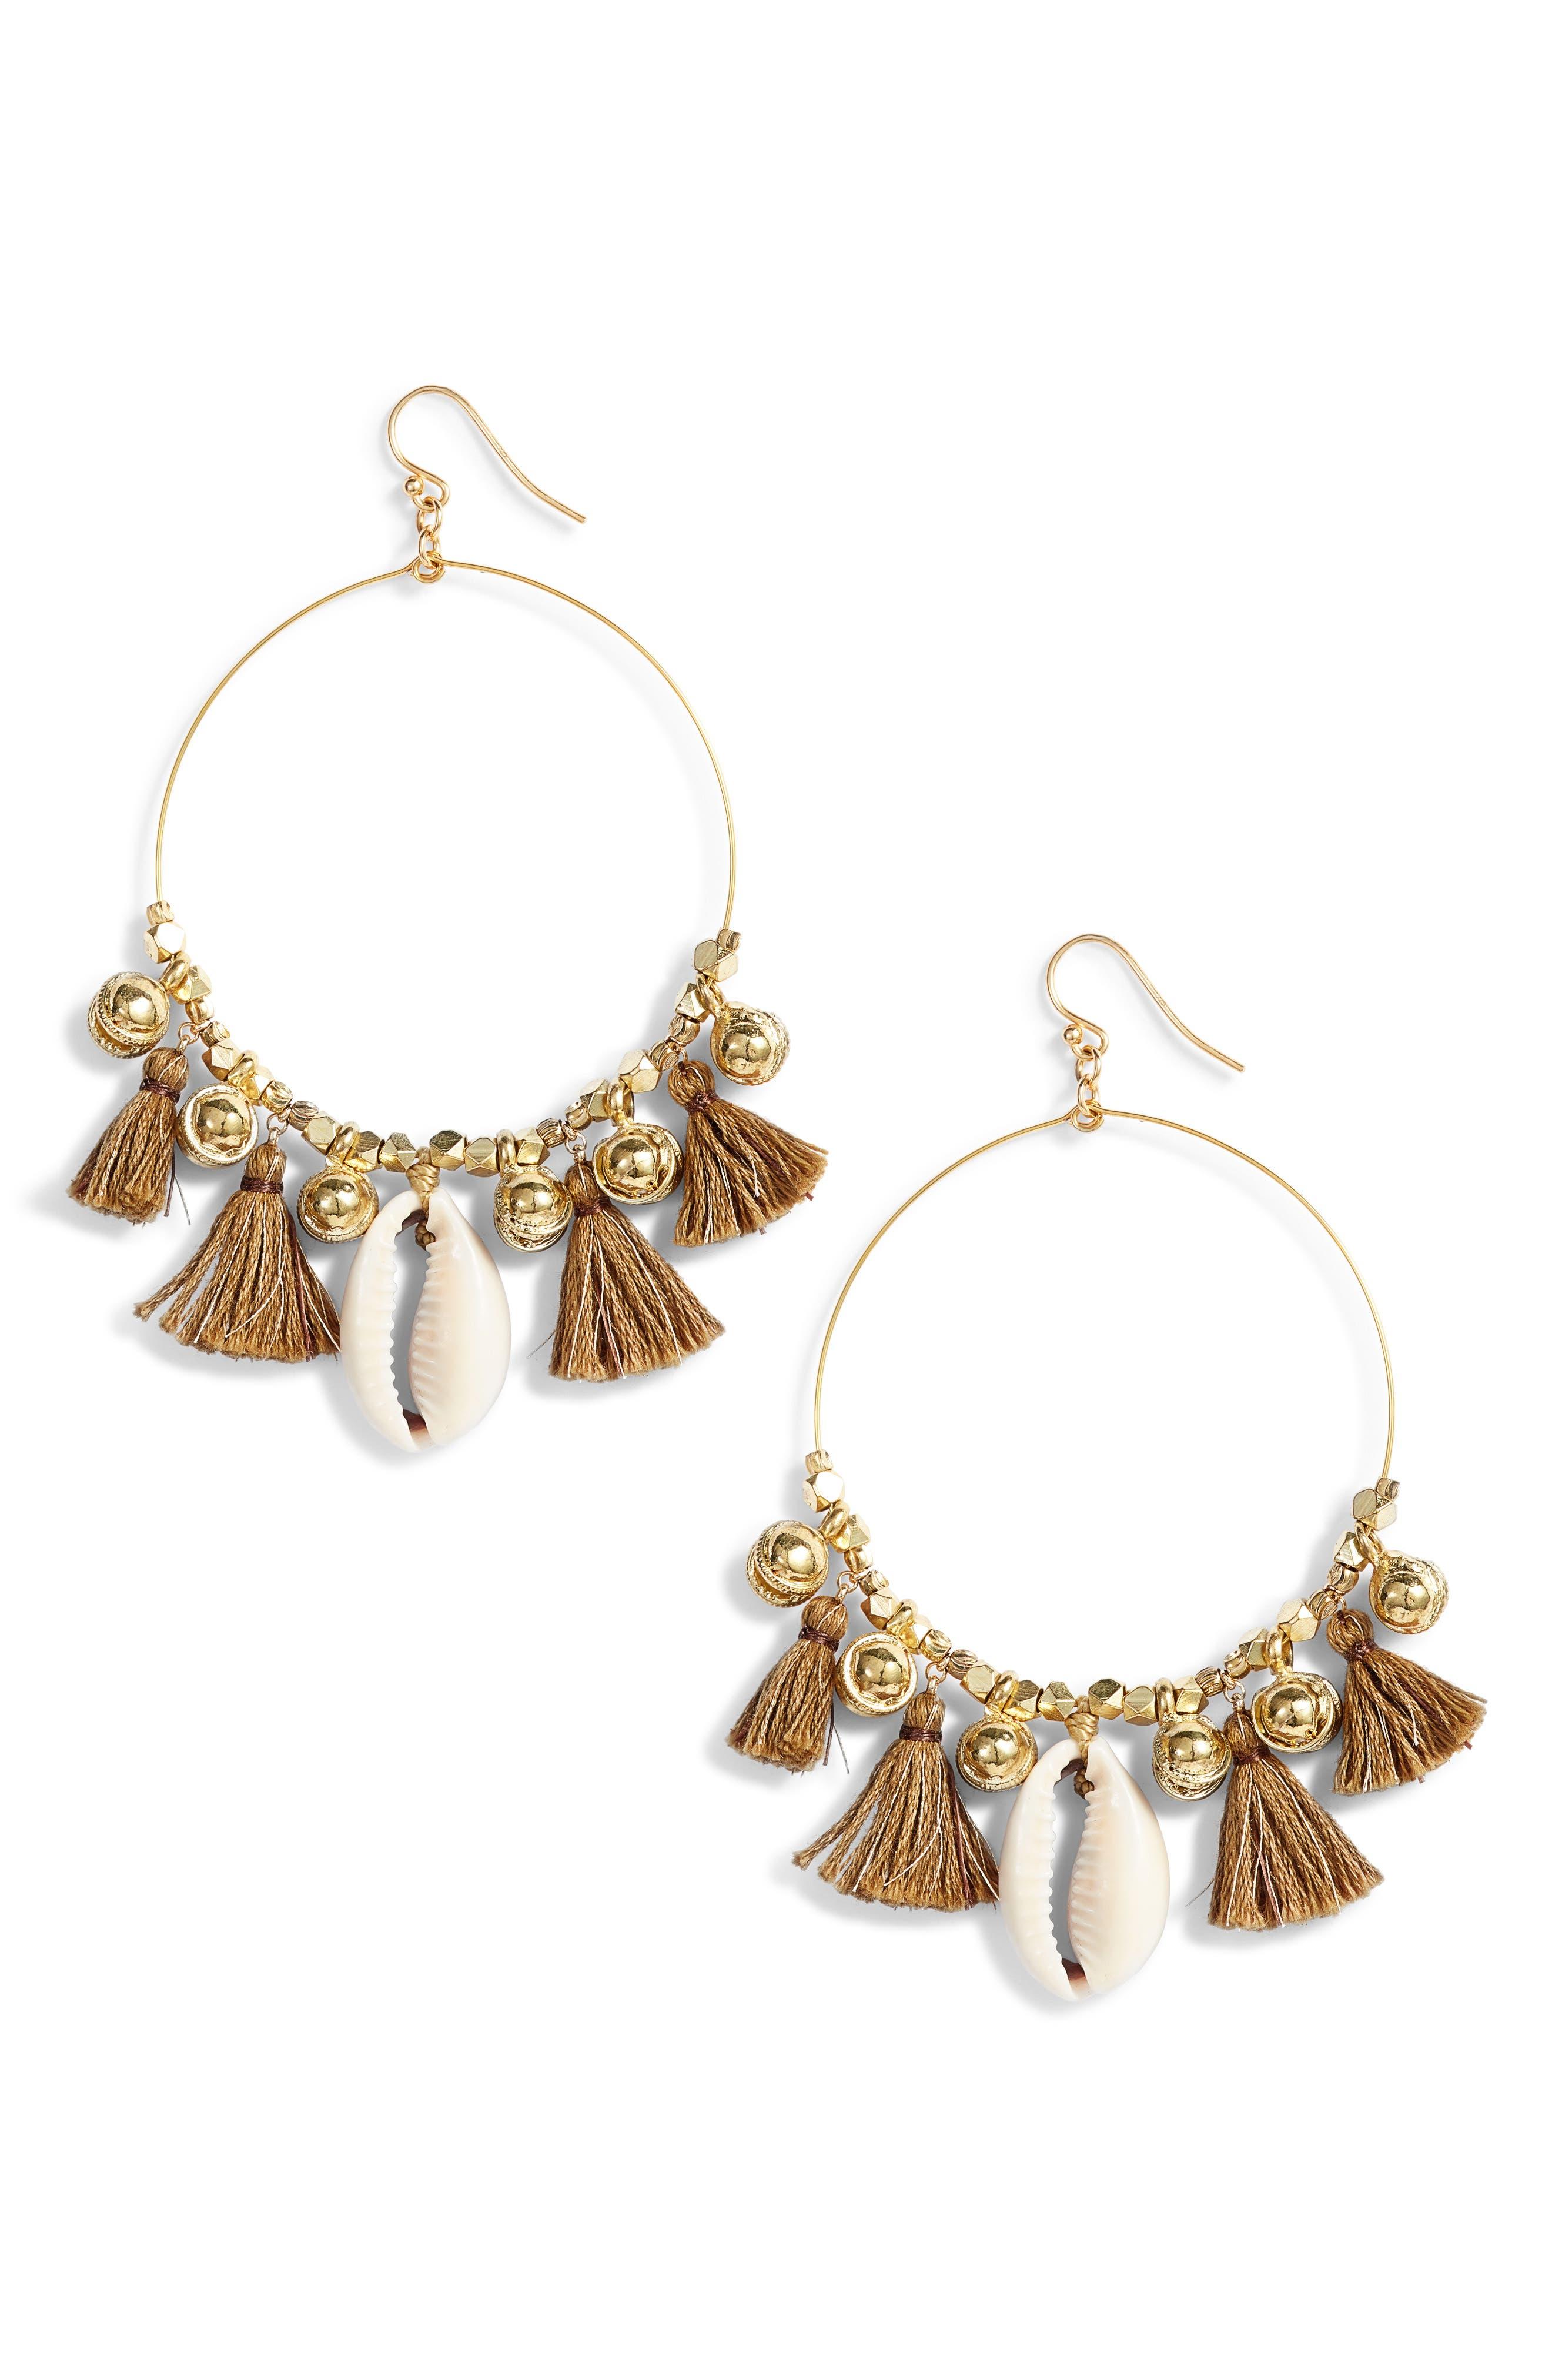 CHAN LUU Tassel & Cowry Shell Hoop Earrings in Deep Sage